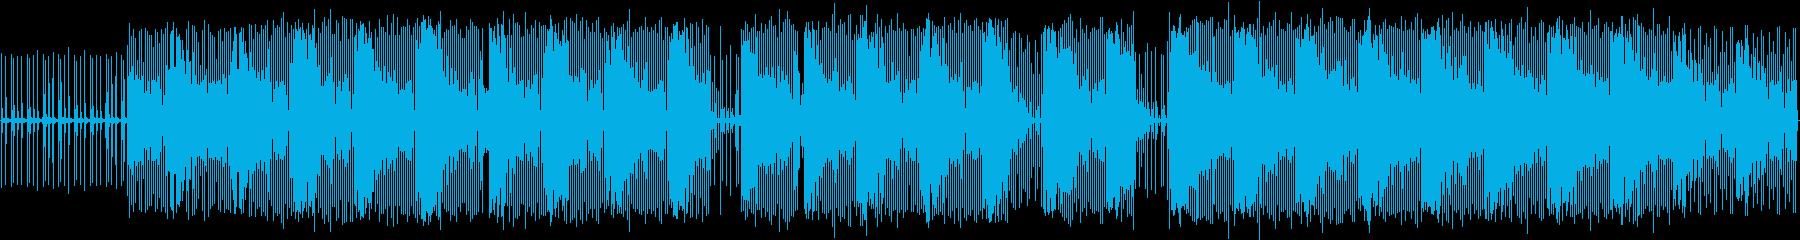 エレクトロハウス。雰囲気。ミステリ...の再生済みの波形